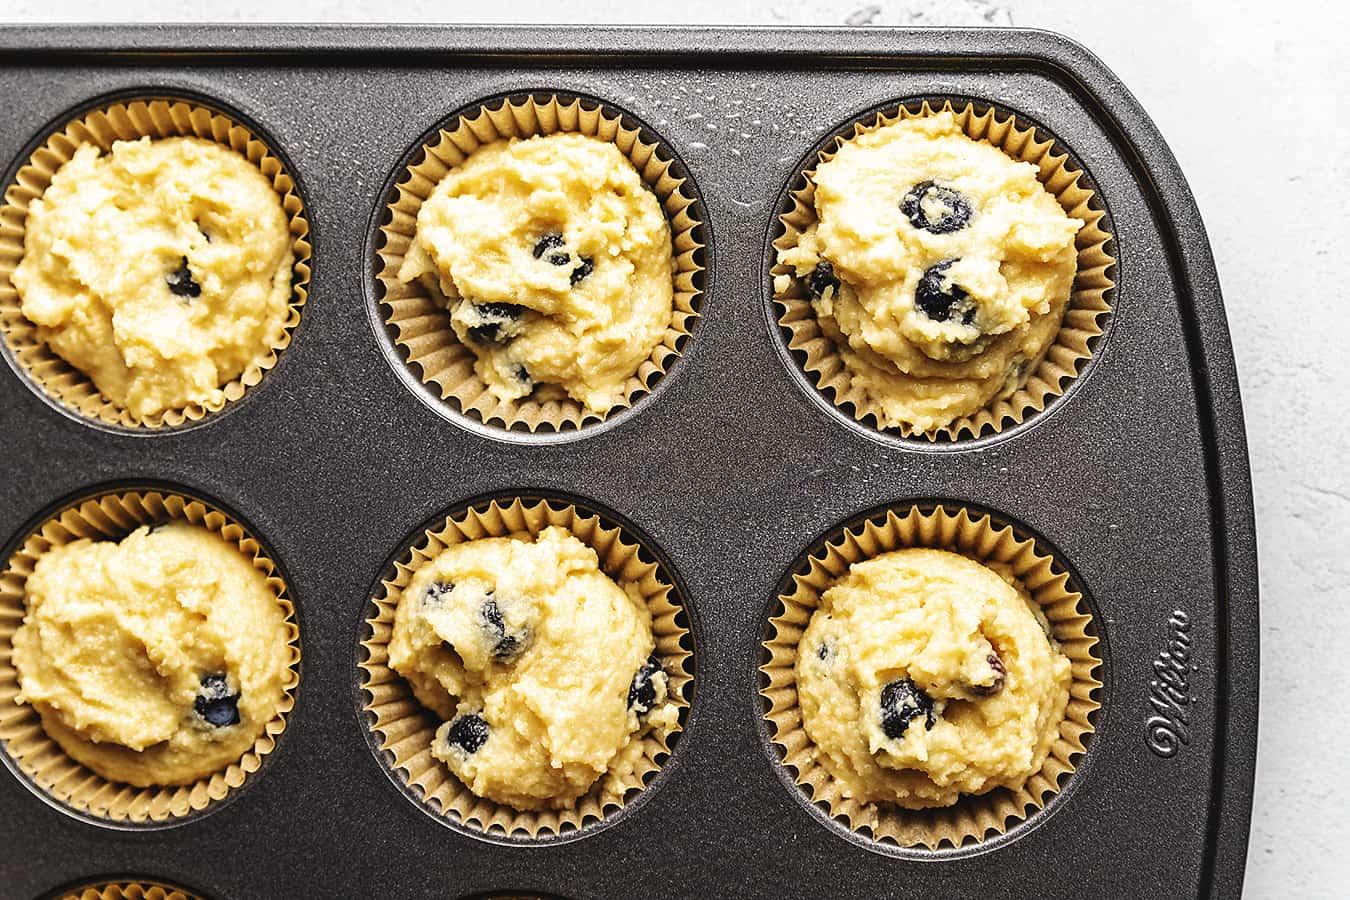 muffin batter in a cupcake tin